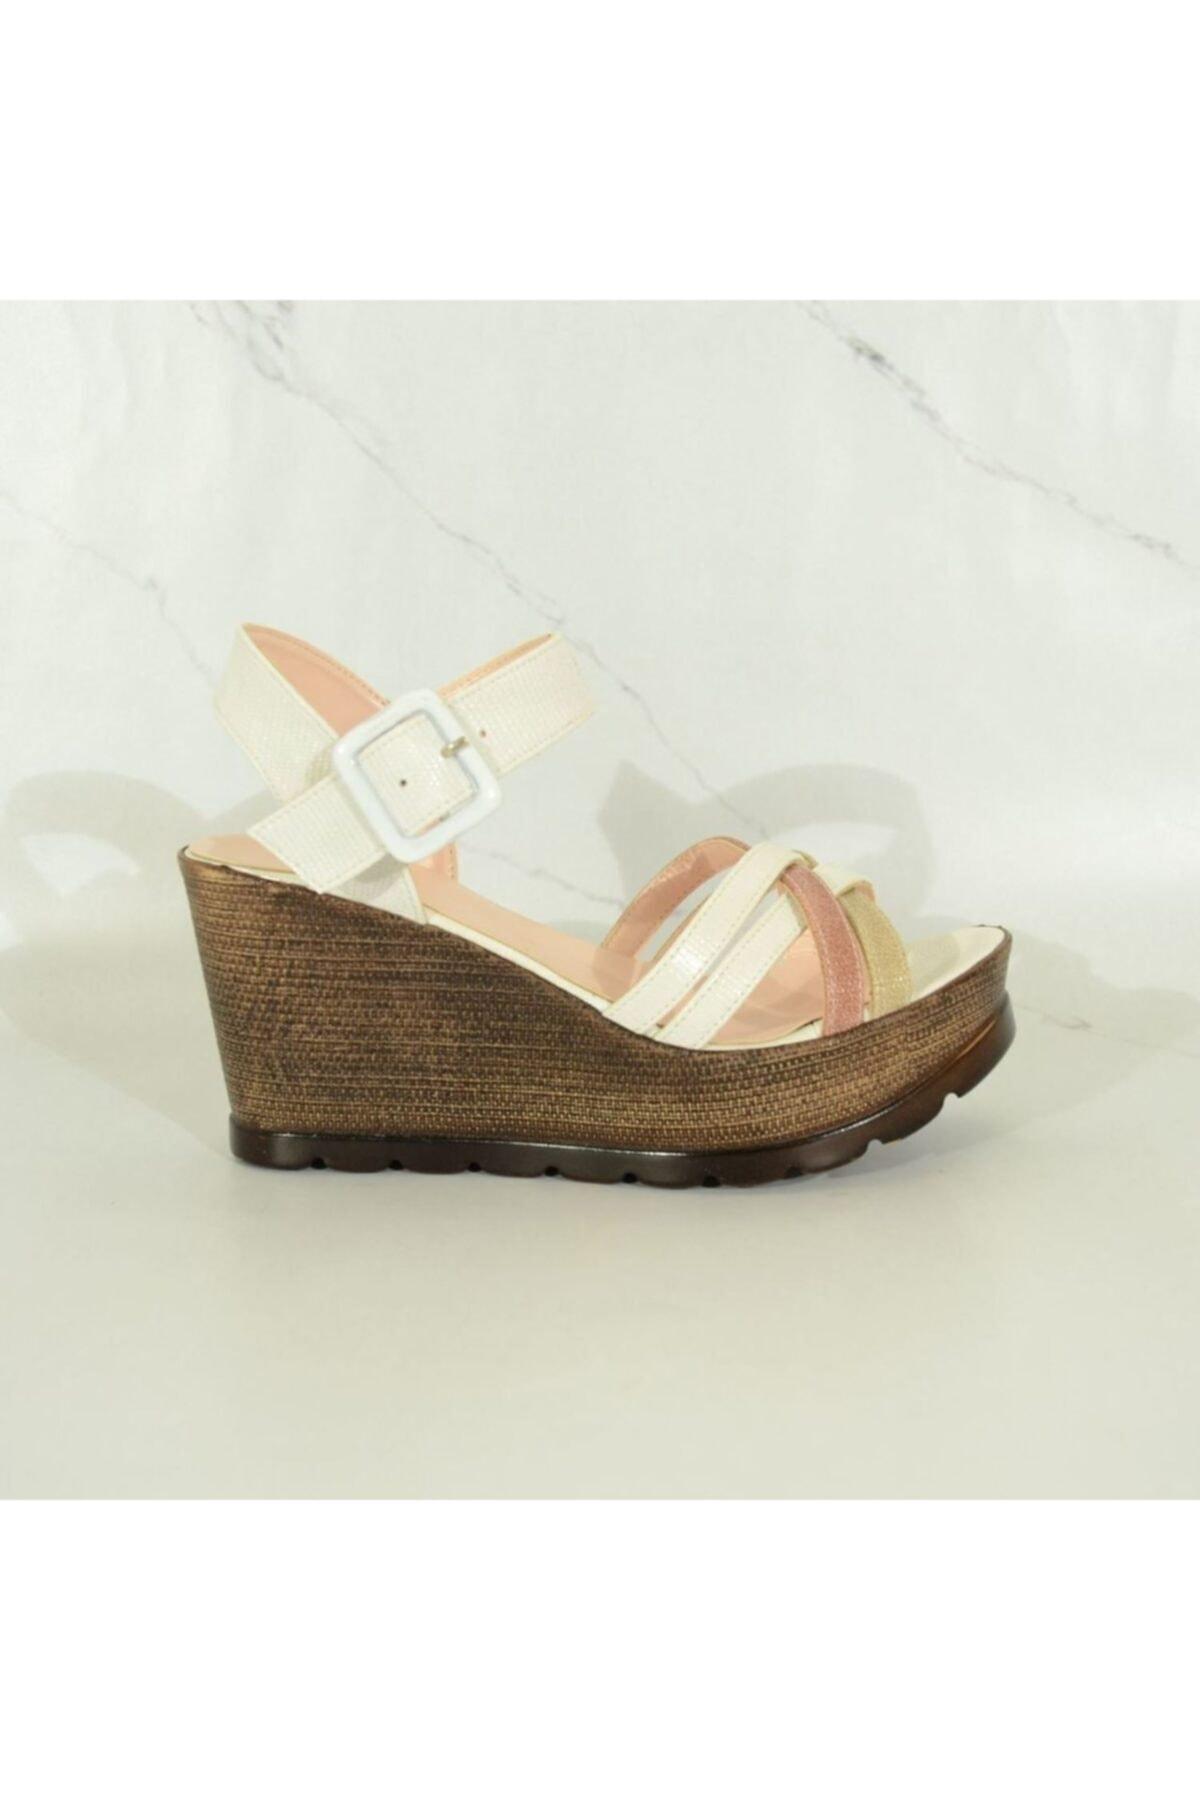 PUNTO 524004 Kadın Sandalet 1